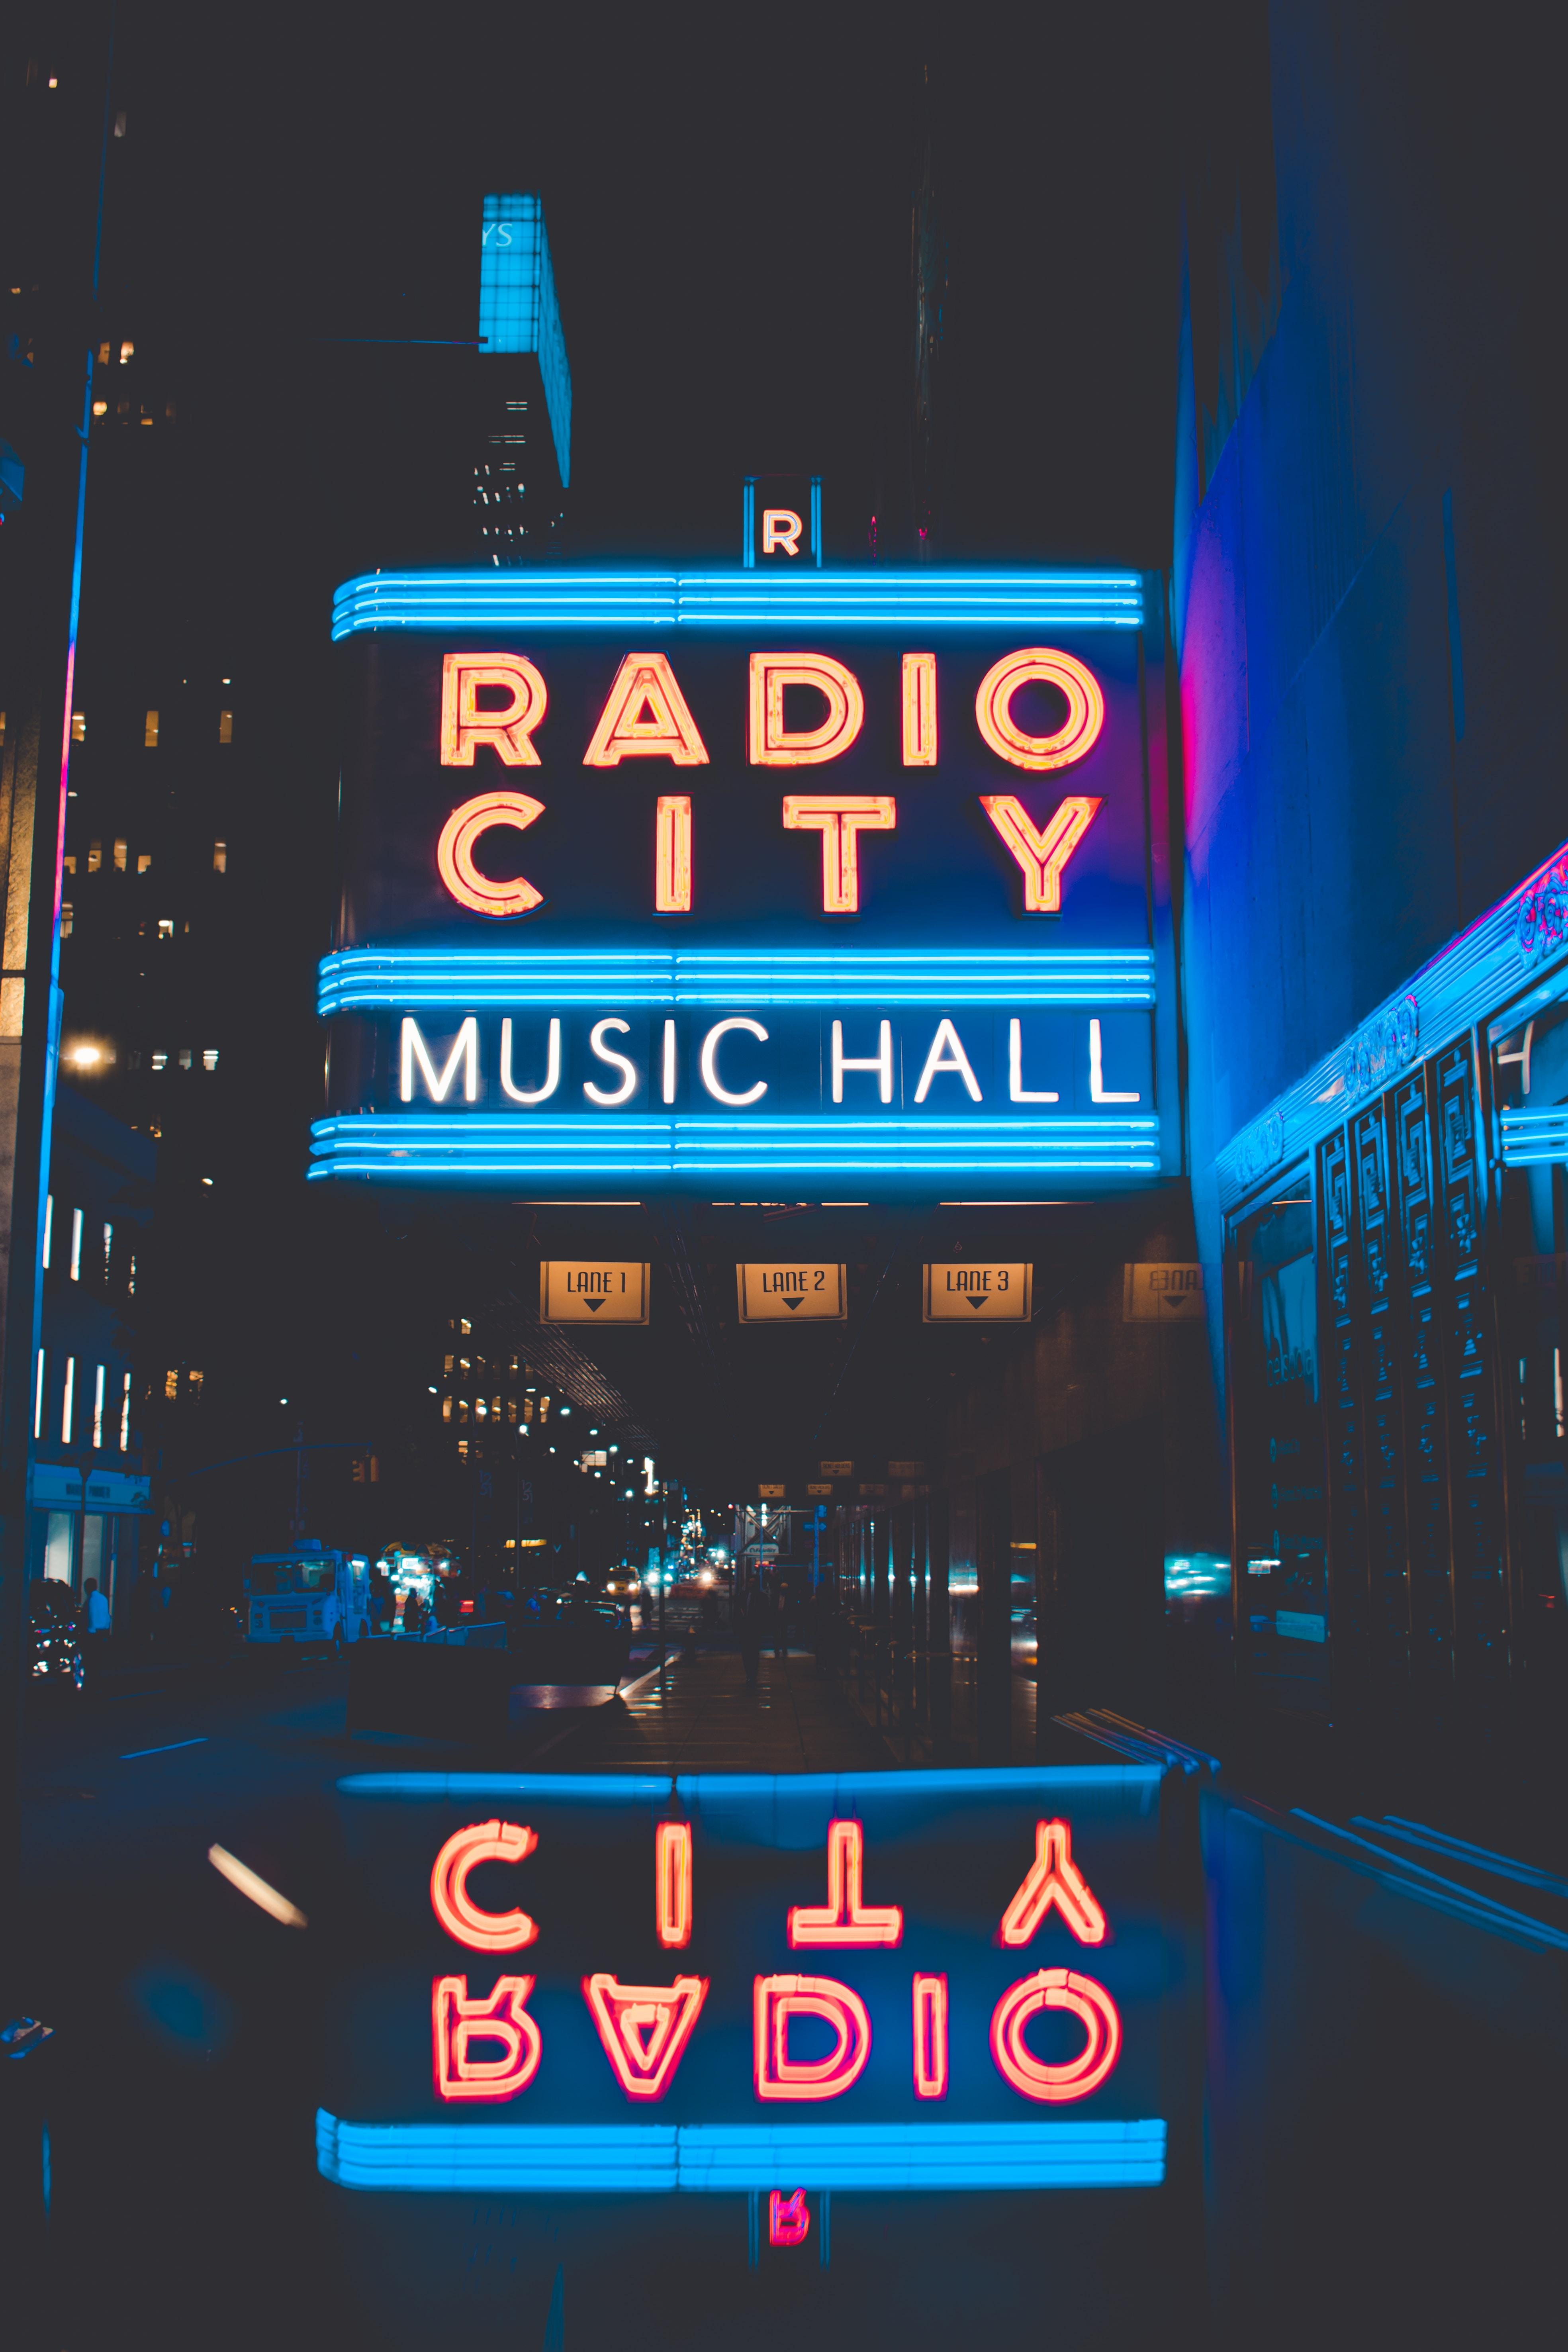 Radio City Music Hall LED signage